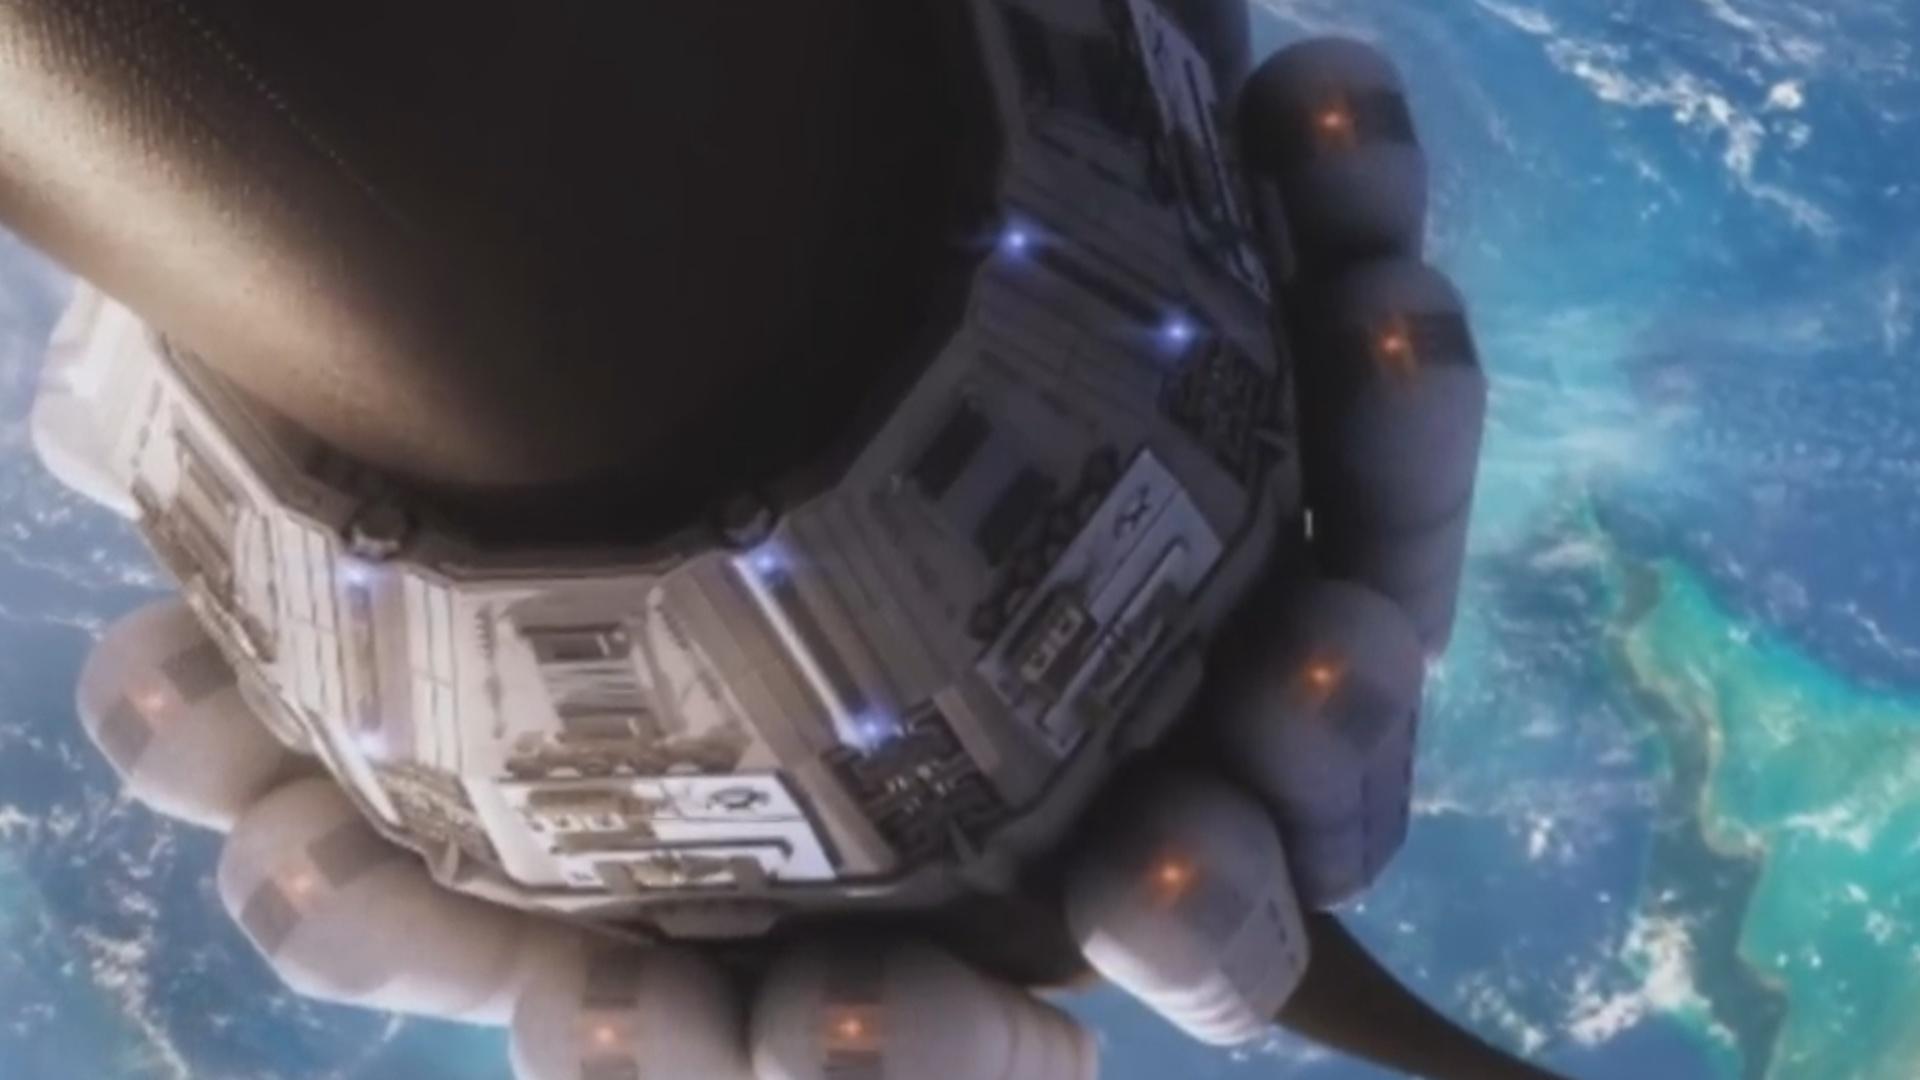 Yapon alimləri ilk kosmik lift yaradıblar